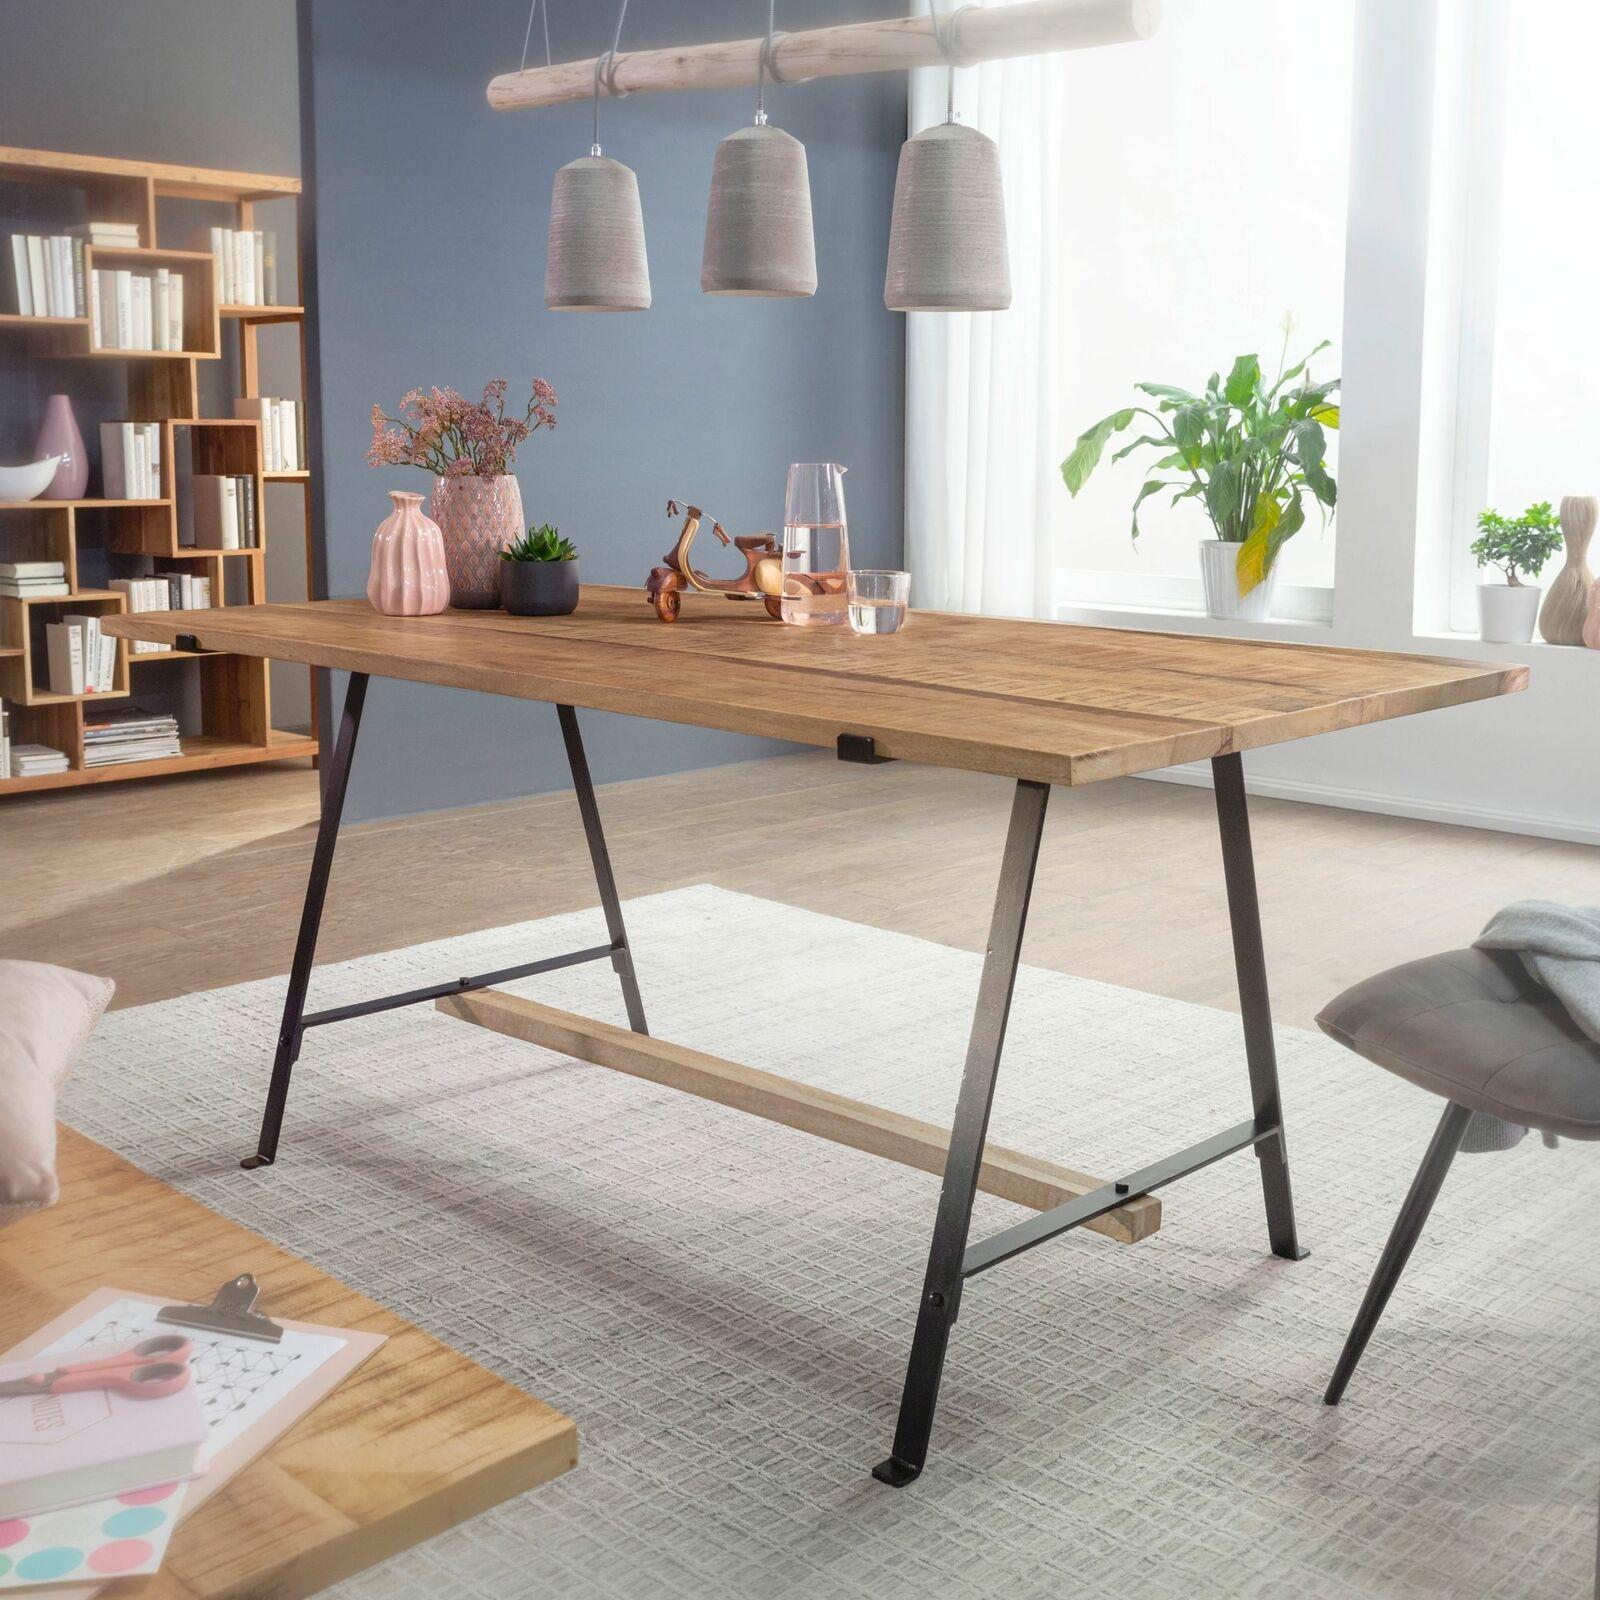 WOHNLING Esstisch Massivholz Esszimmertisch 175x90 cm Küchentisch Loft Tisch NEU 19